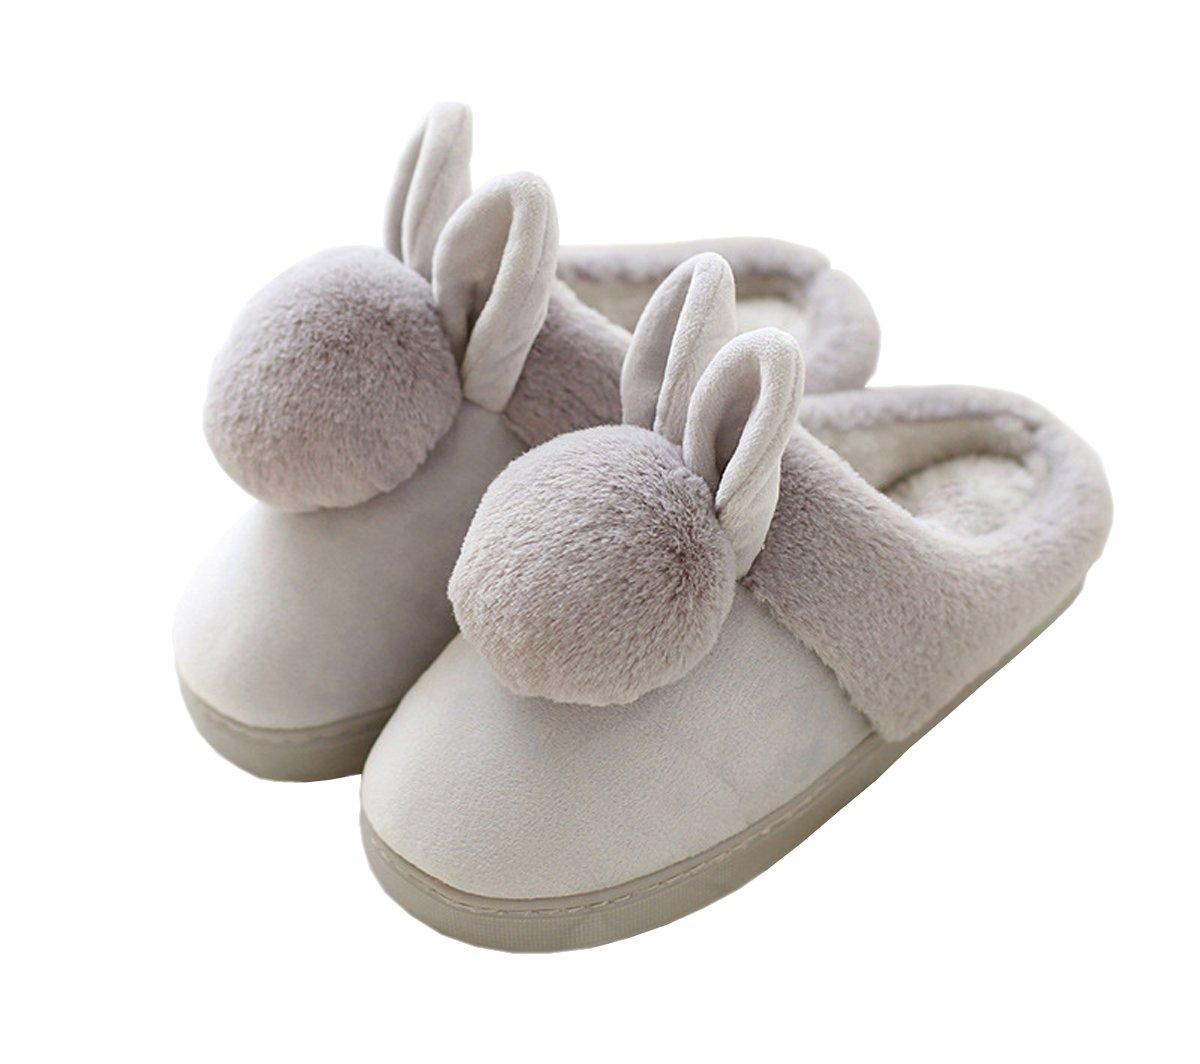 Rojeam Pantofole del coniglio delle ragazze delle signore scivolano sulle pantofole calde della peluche della novità degli uomini delle donne Grigio